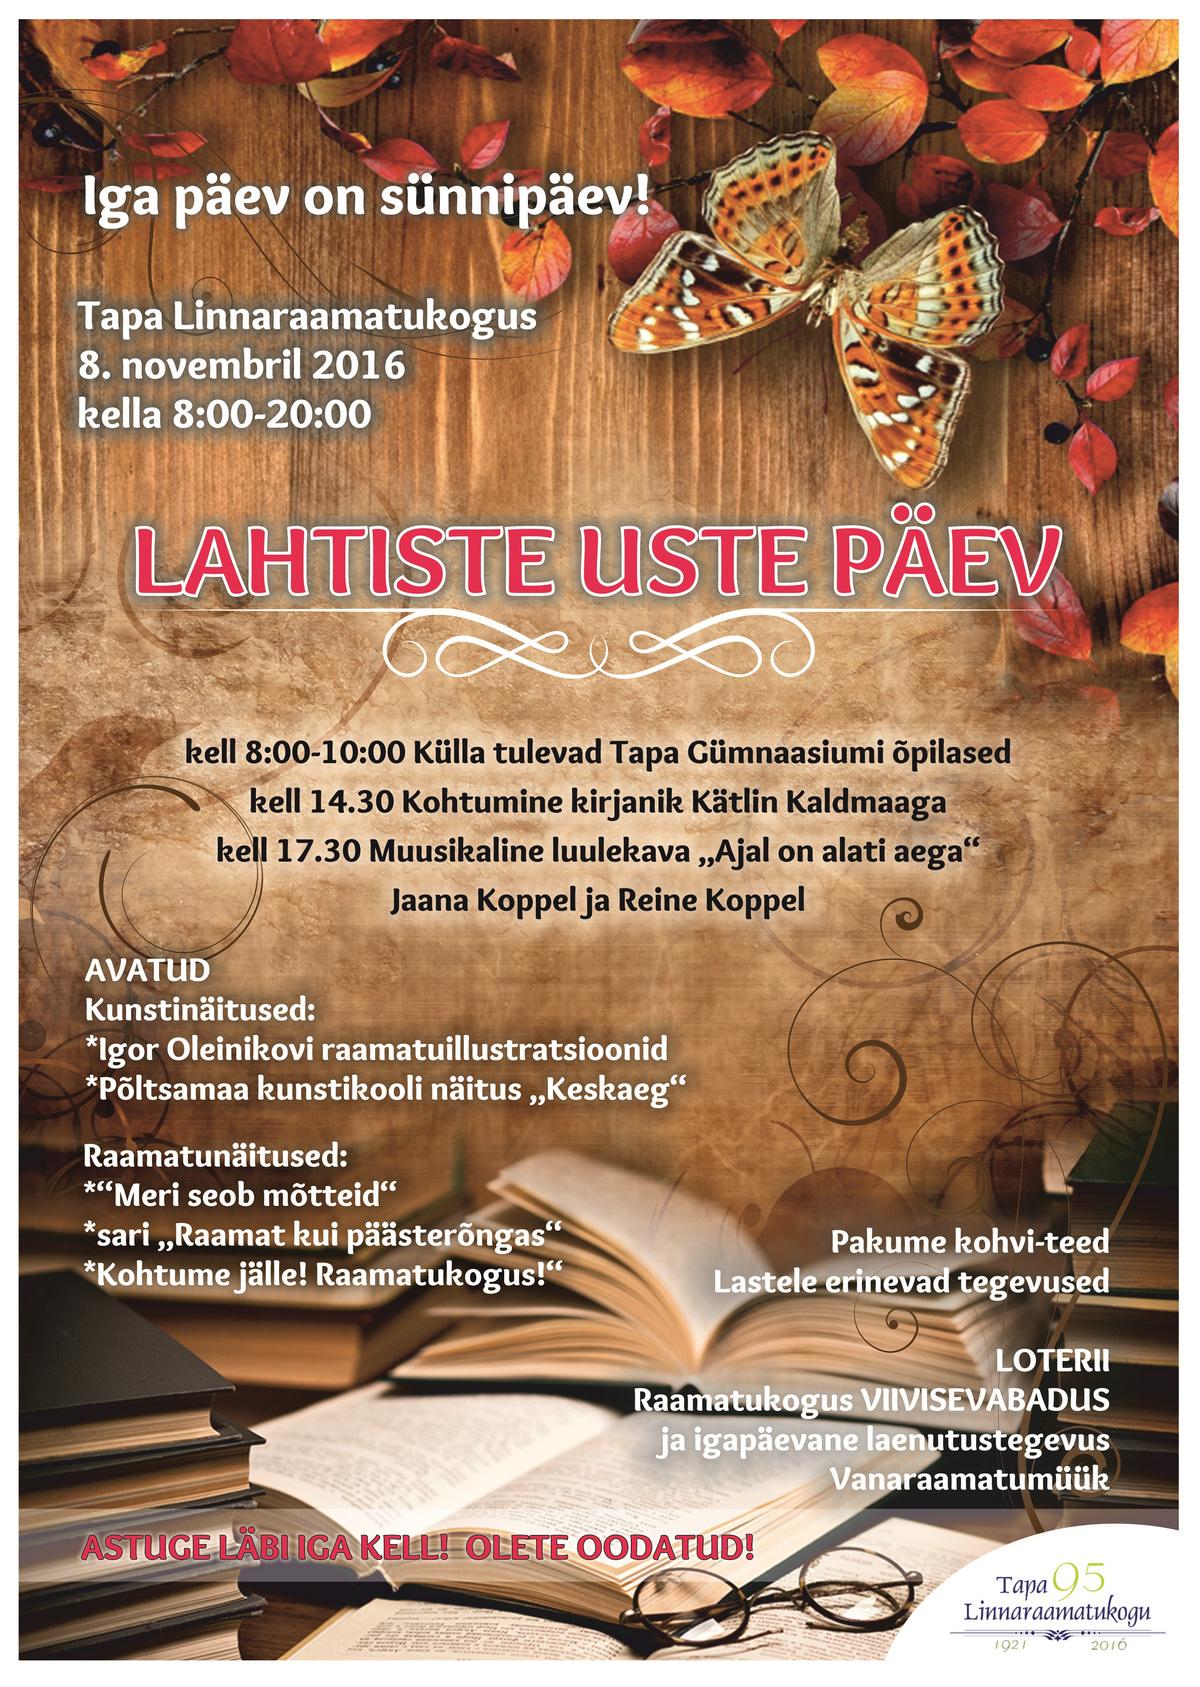 (Eesti) Lahtiste uste päev Tapa Linnaraamatukogus